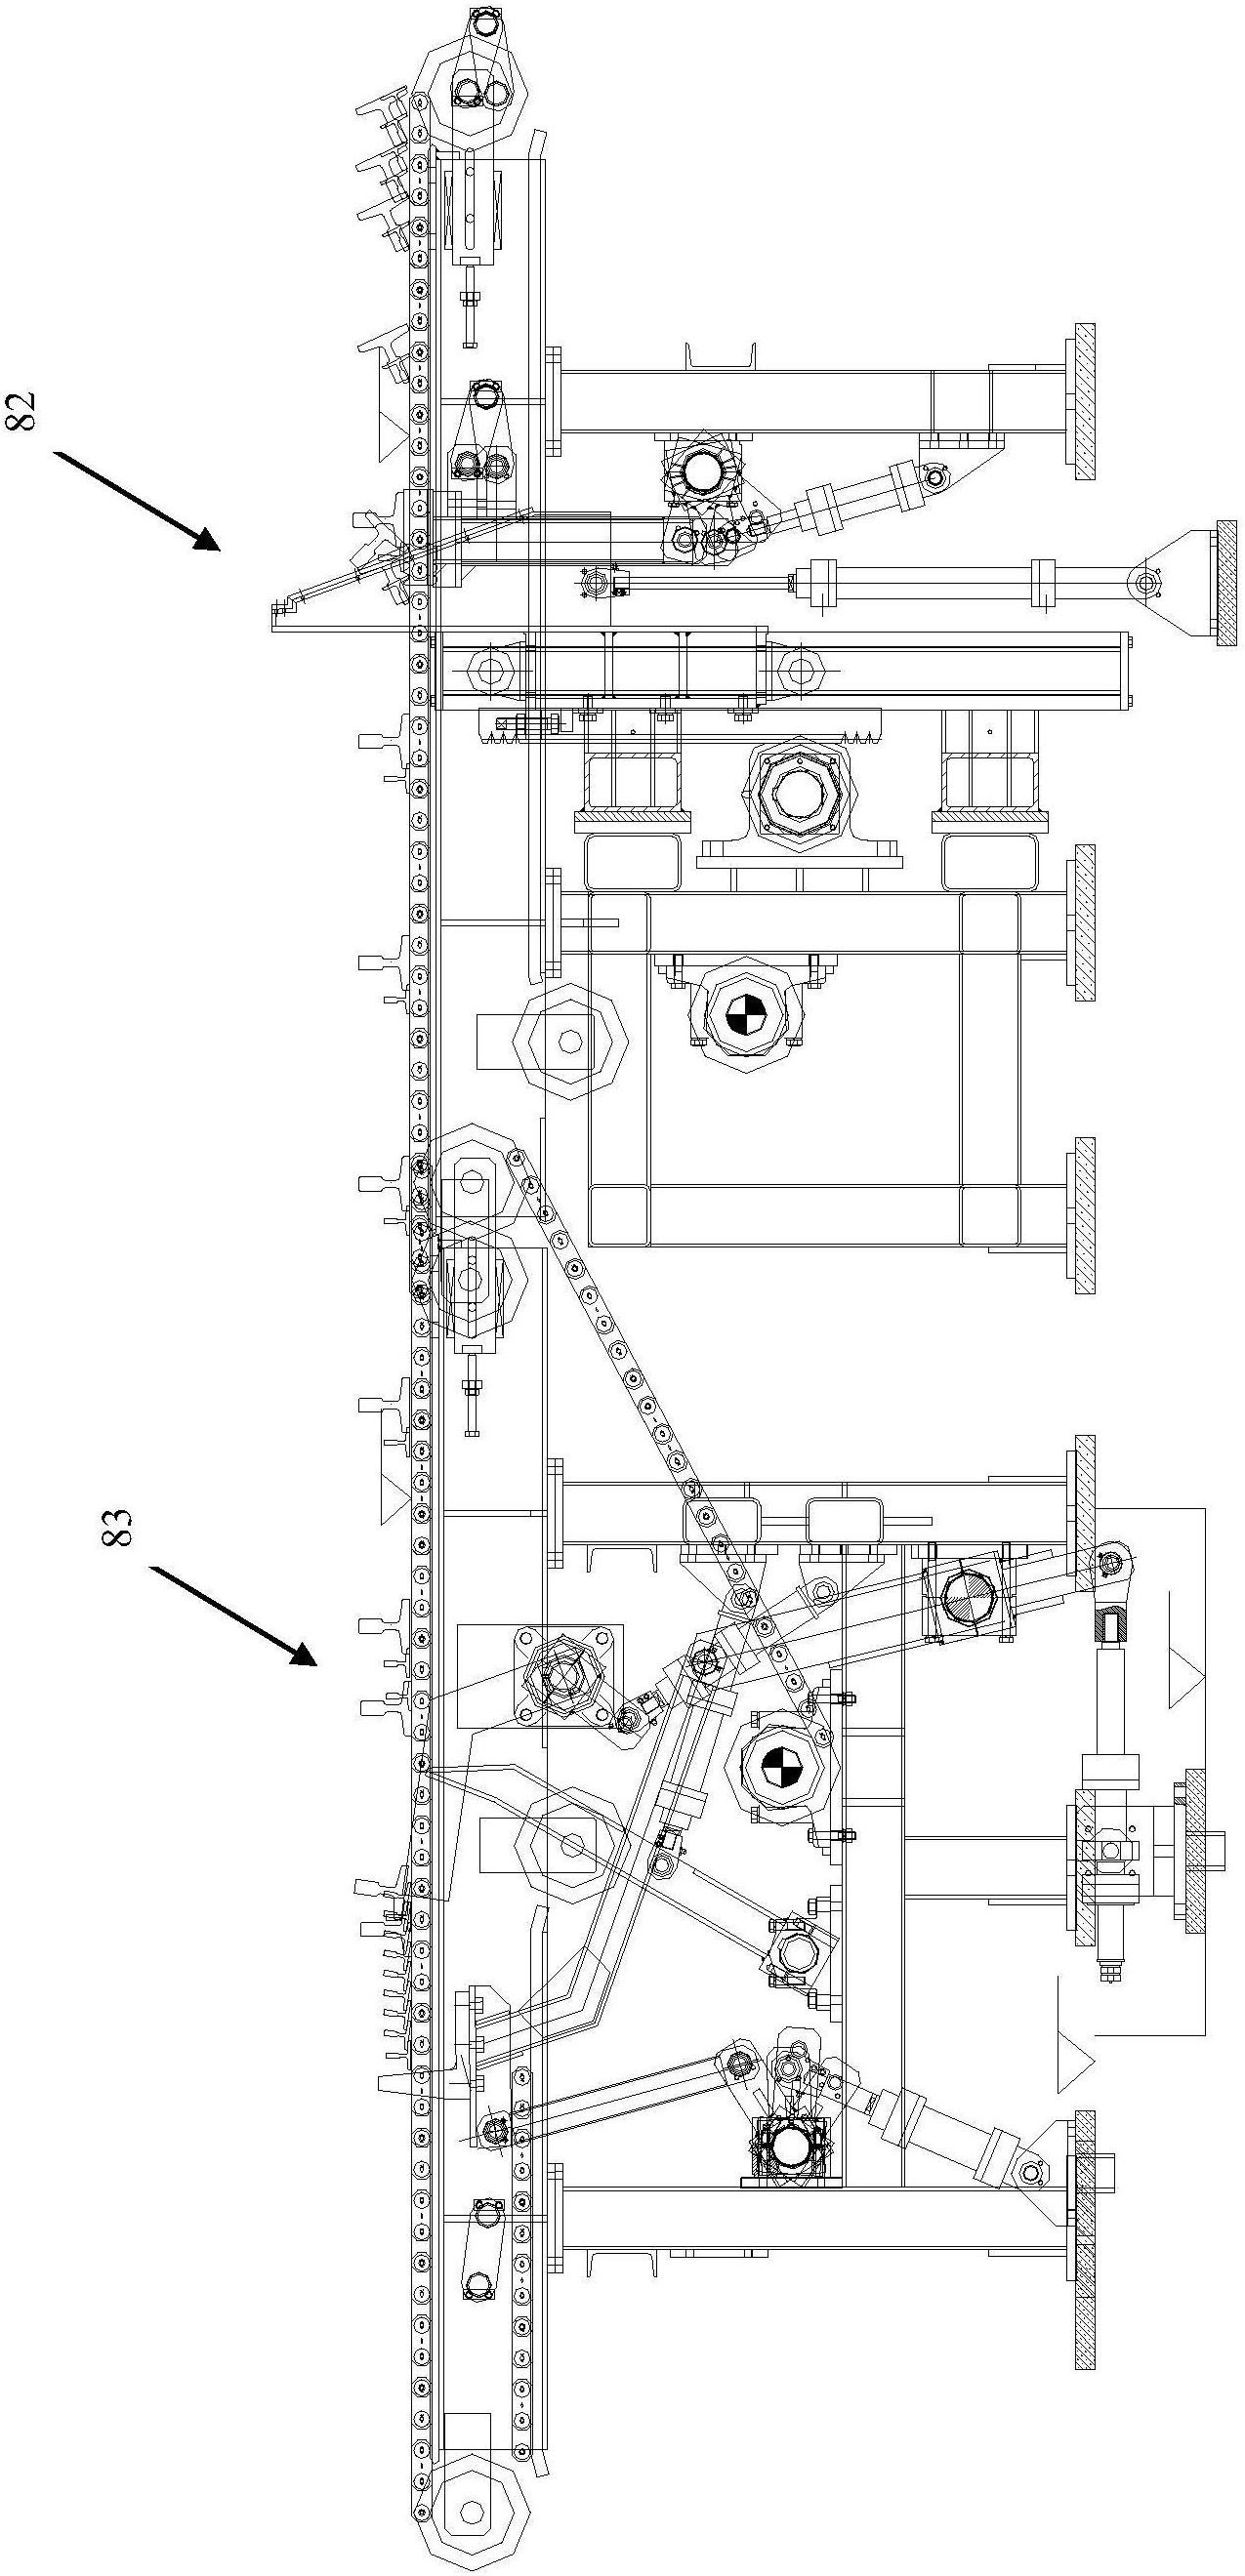 全自动码垛系统及工艺-附图2